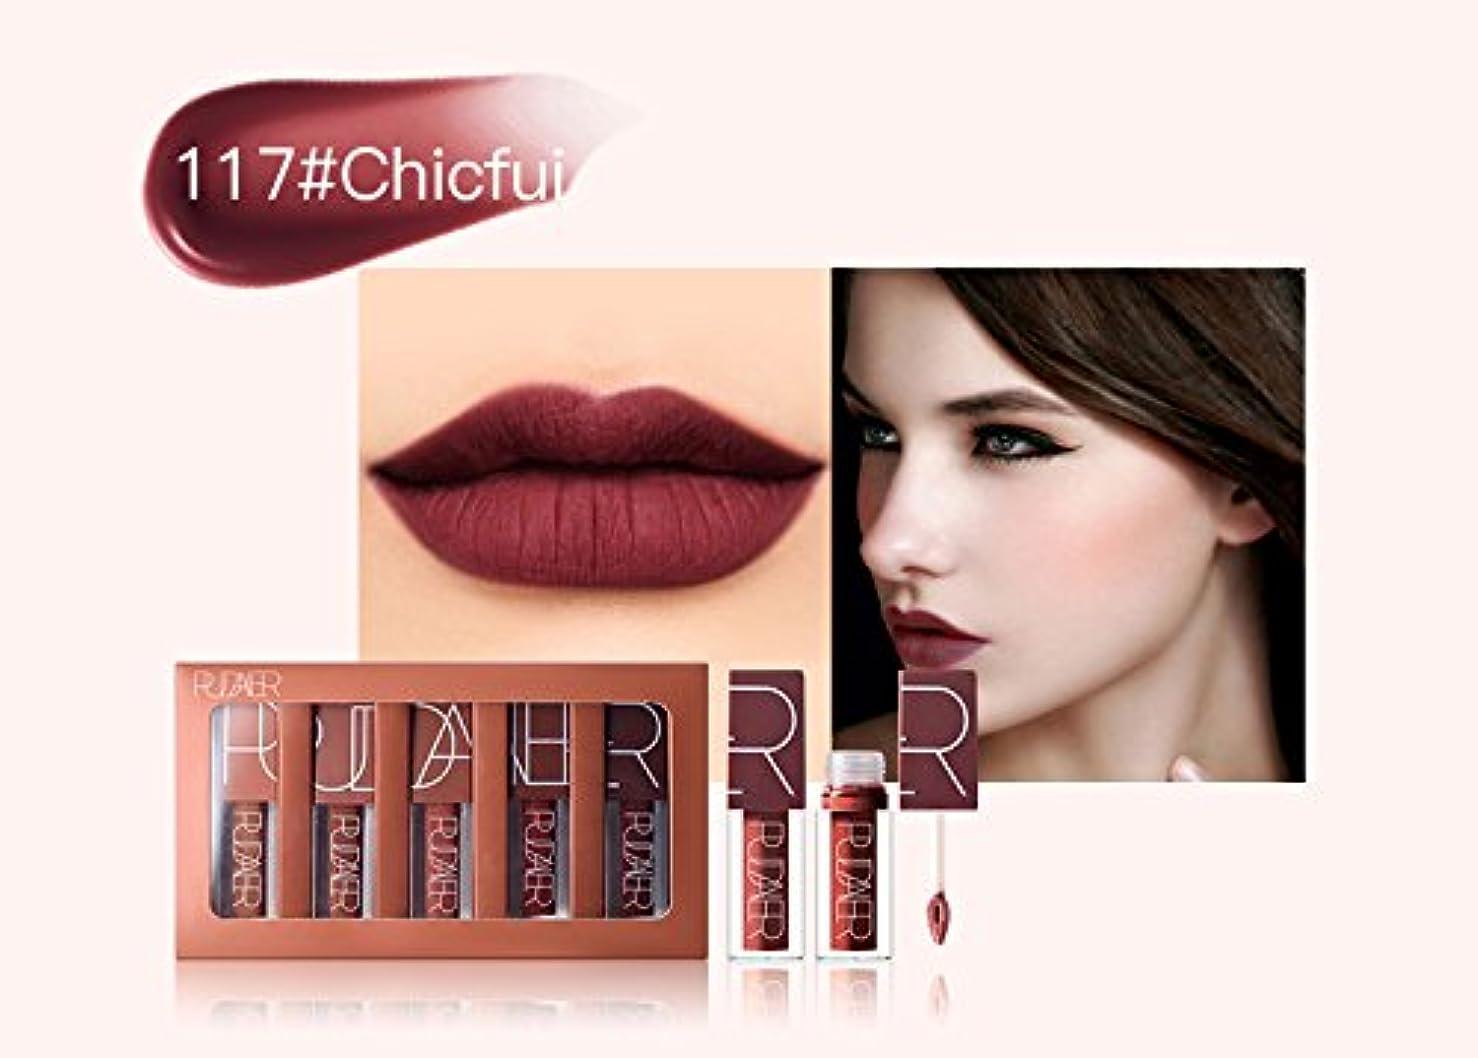 超高層ビルインキュバスきらめくNo #117 Hot Brand Long Lasting Velvet Lips Tint Liquid Lipstick Matte Beauty Cosmetics Sexy Nude Pigment Matte...